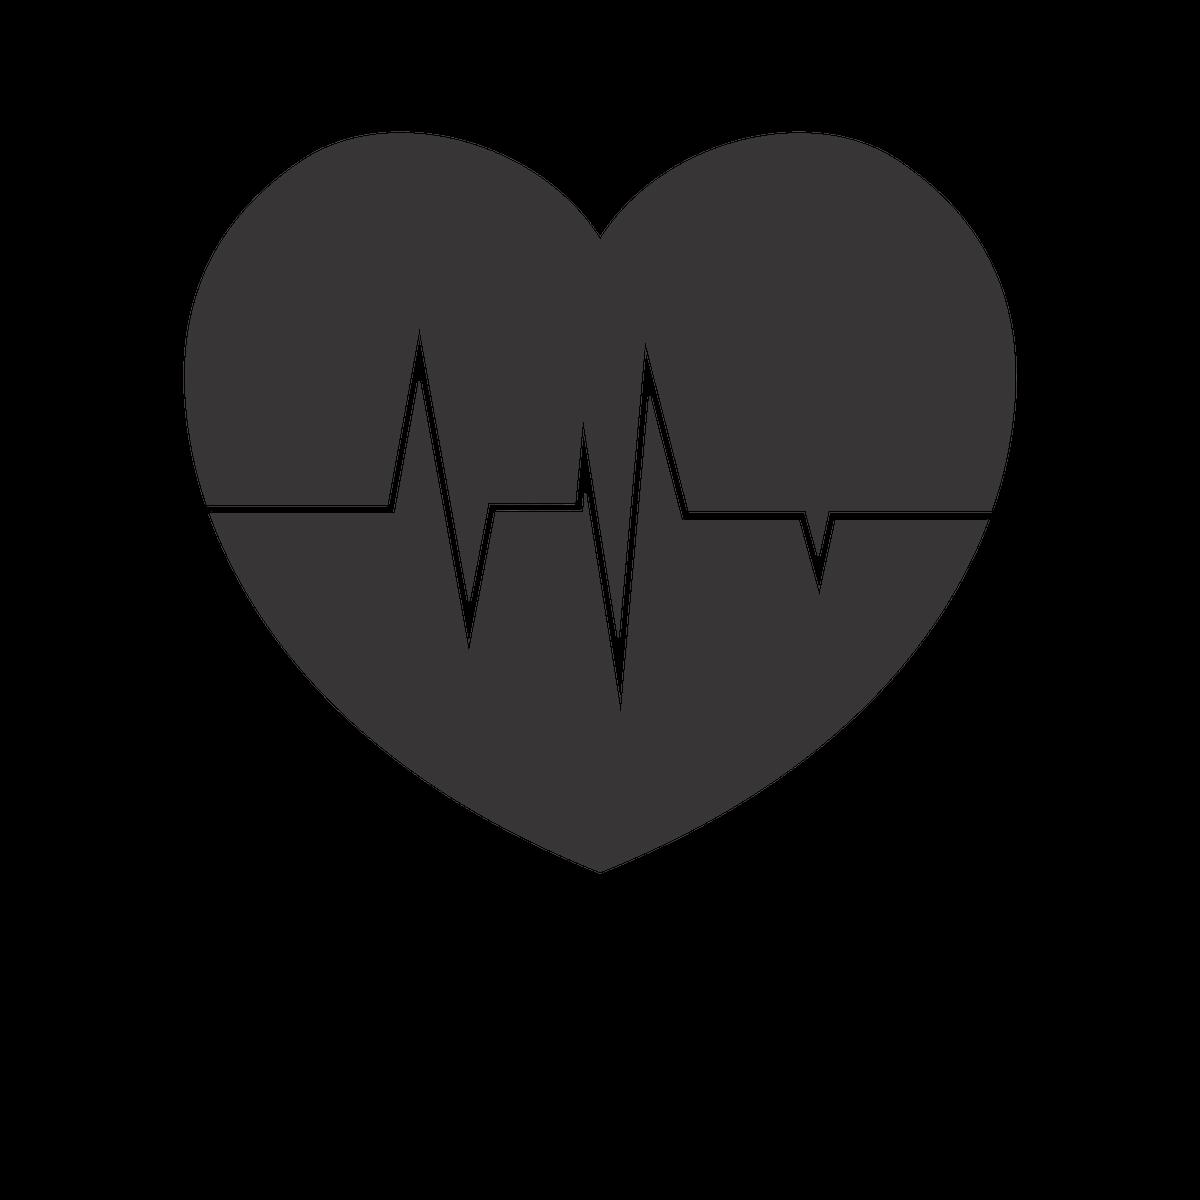 healthcareicon